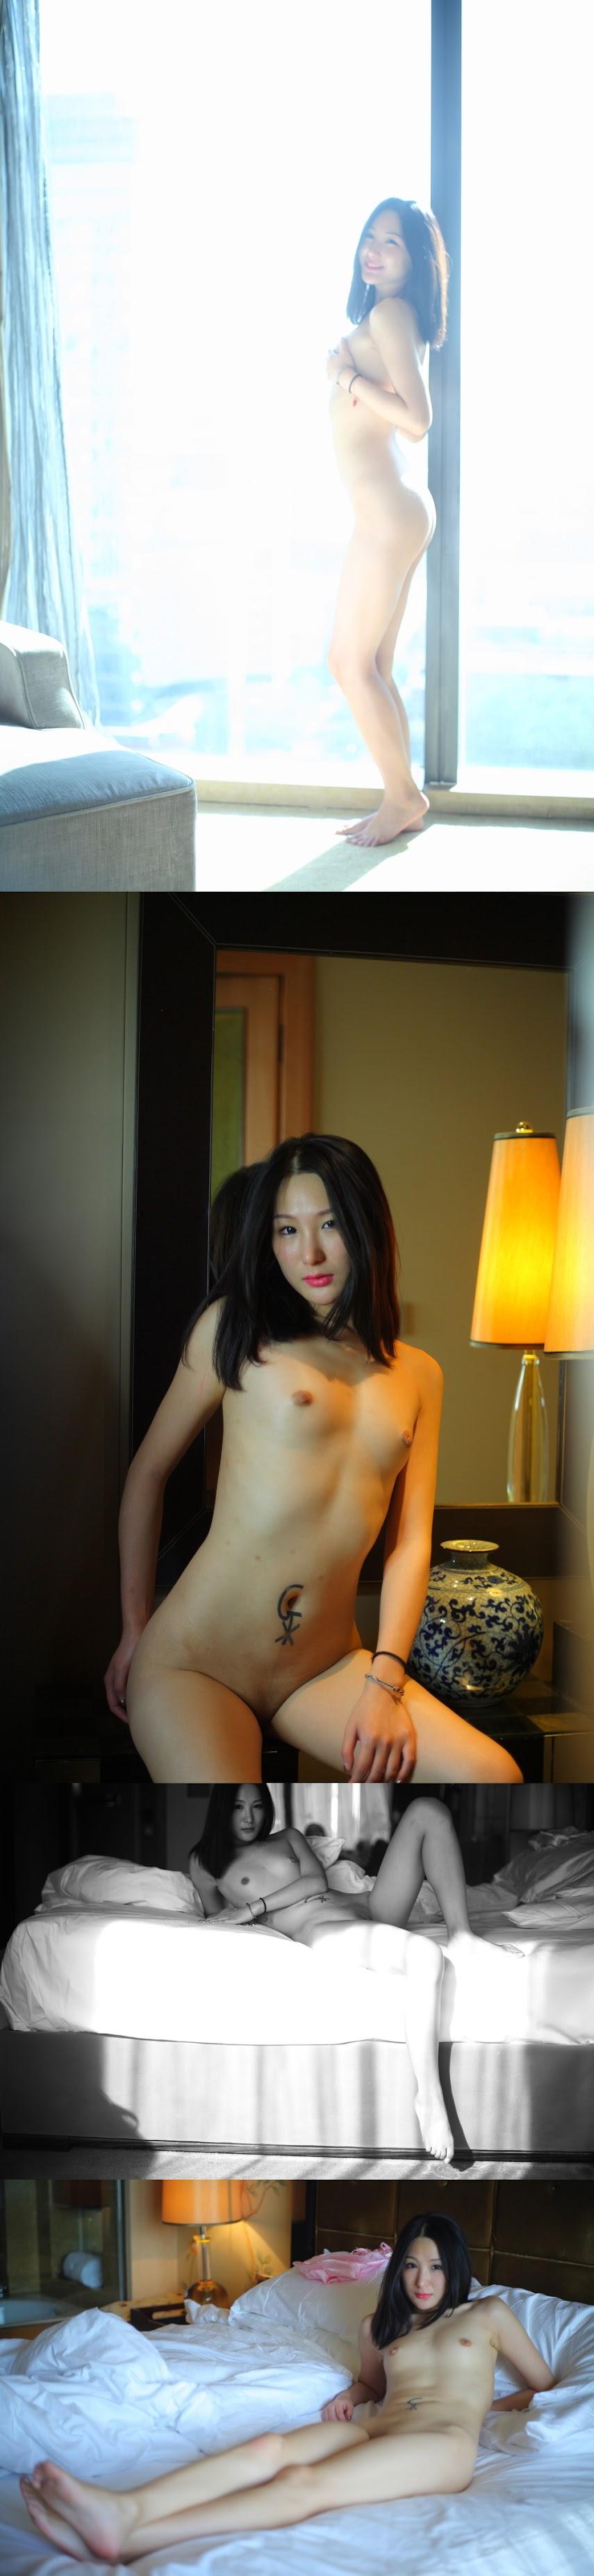 Asian 9032蒙蒙2015.01.03(D).part1 asian 07050